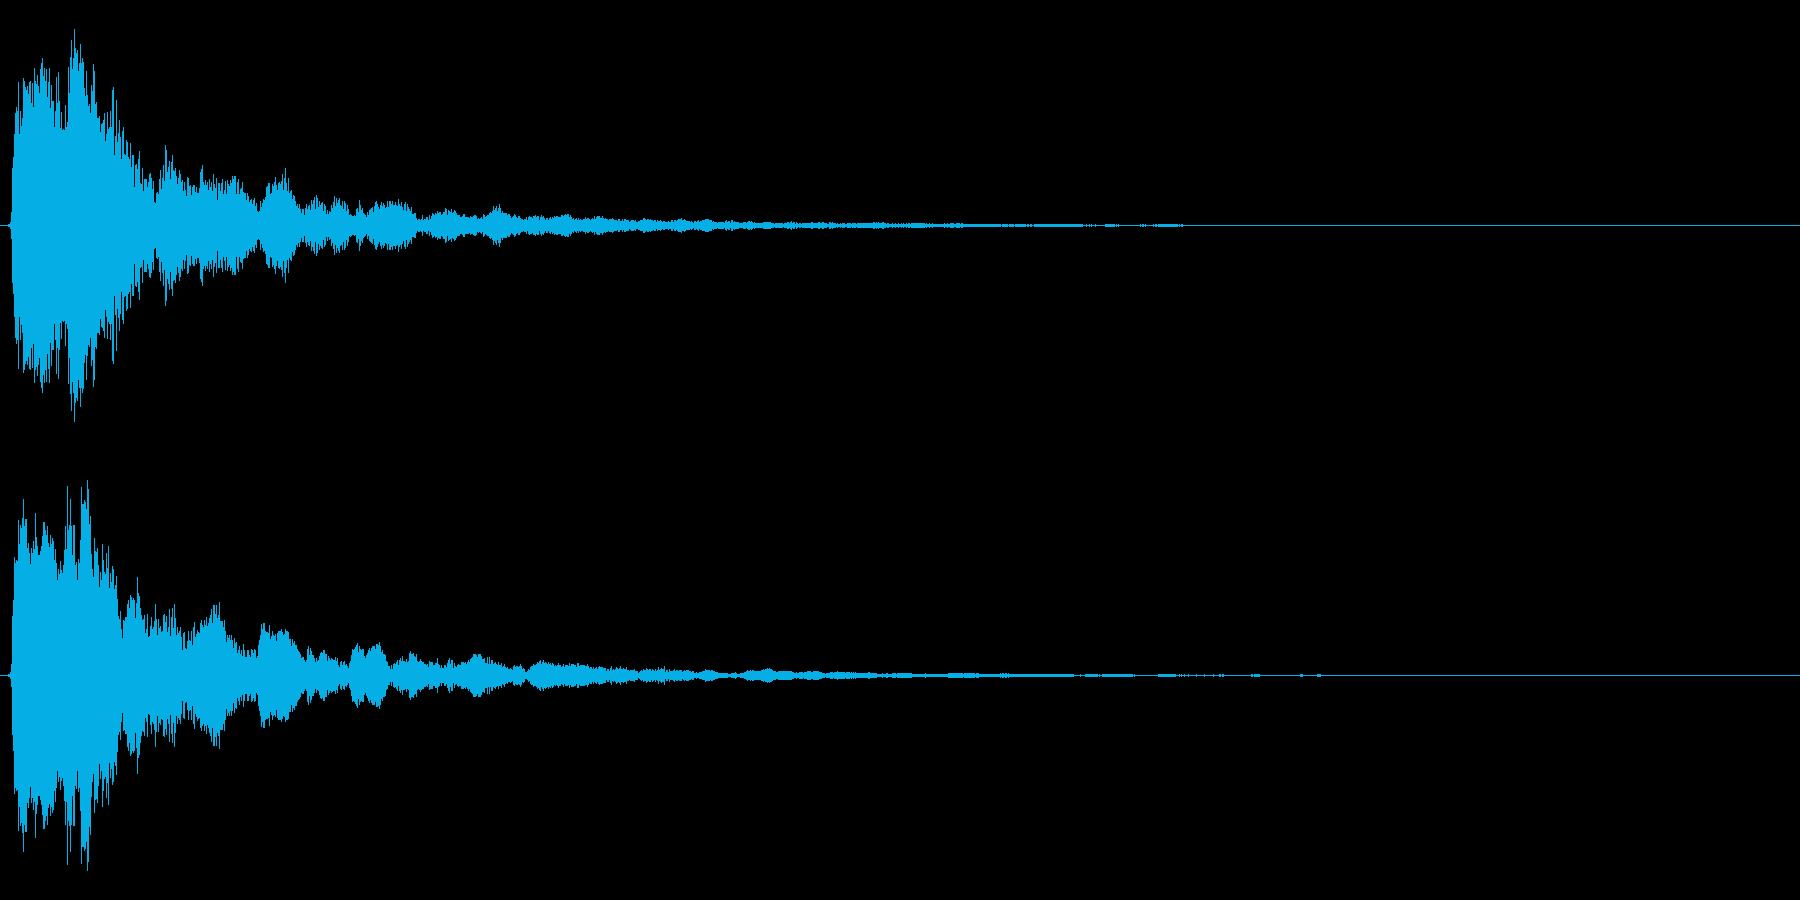 明るいテロップ音 ボタン音 決定音!4bの再生済みの波形